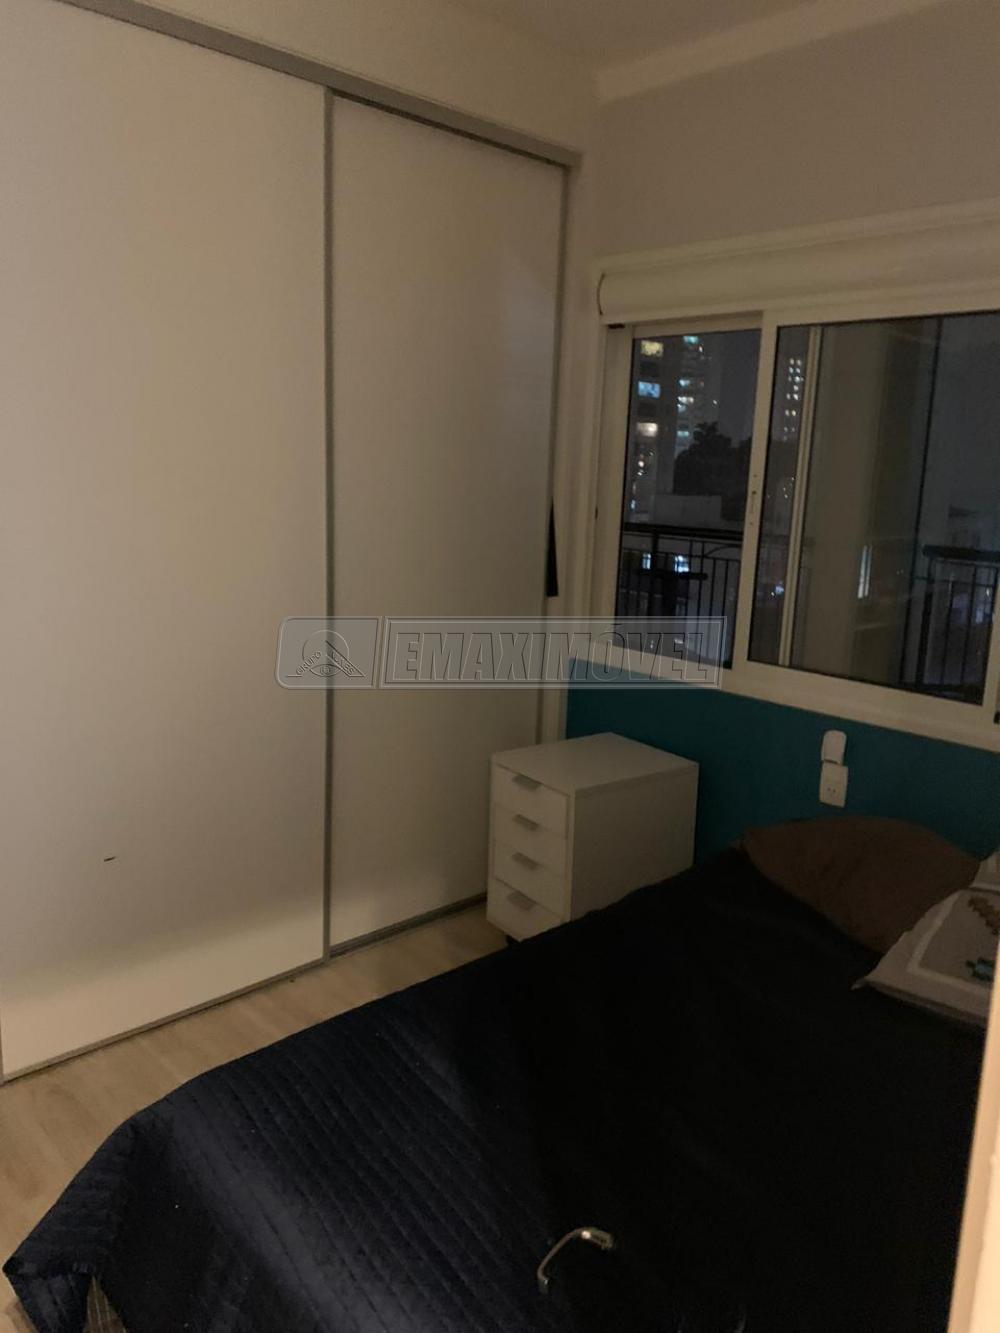 Comprar Apartamentos / Apto Padrão em Sorocaba apenas R$ 2.500.000,00 - Foto 19